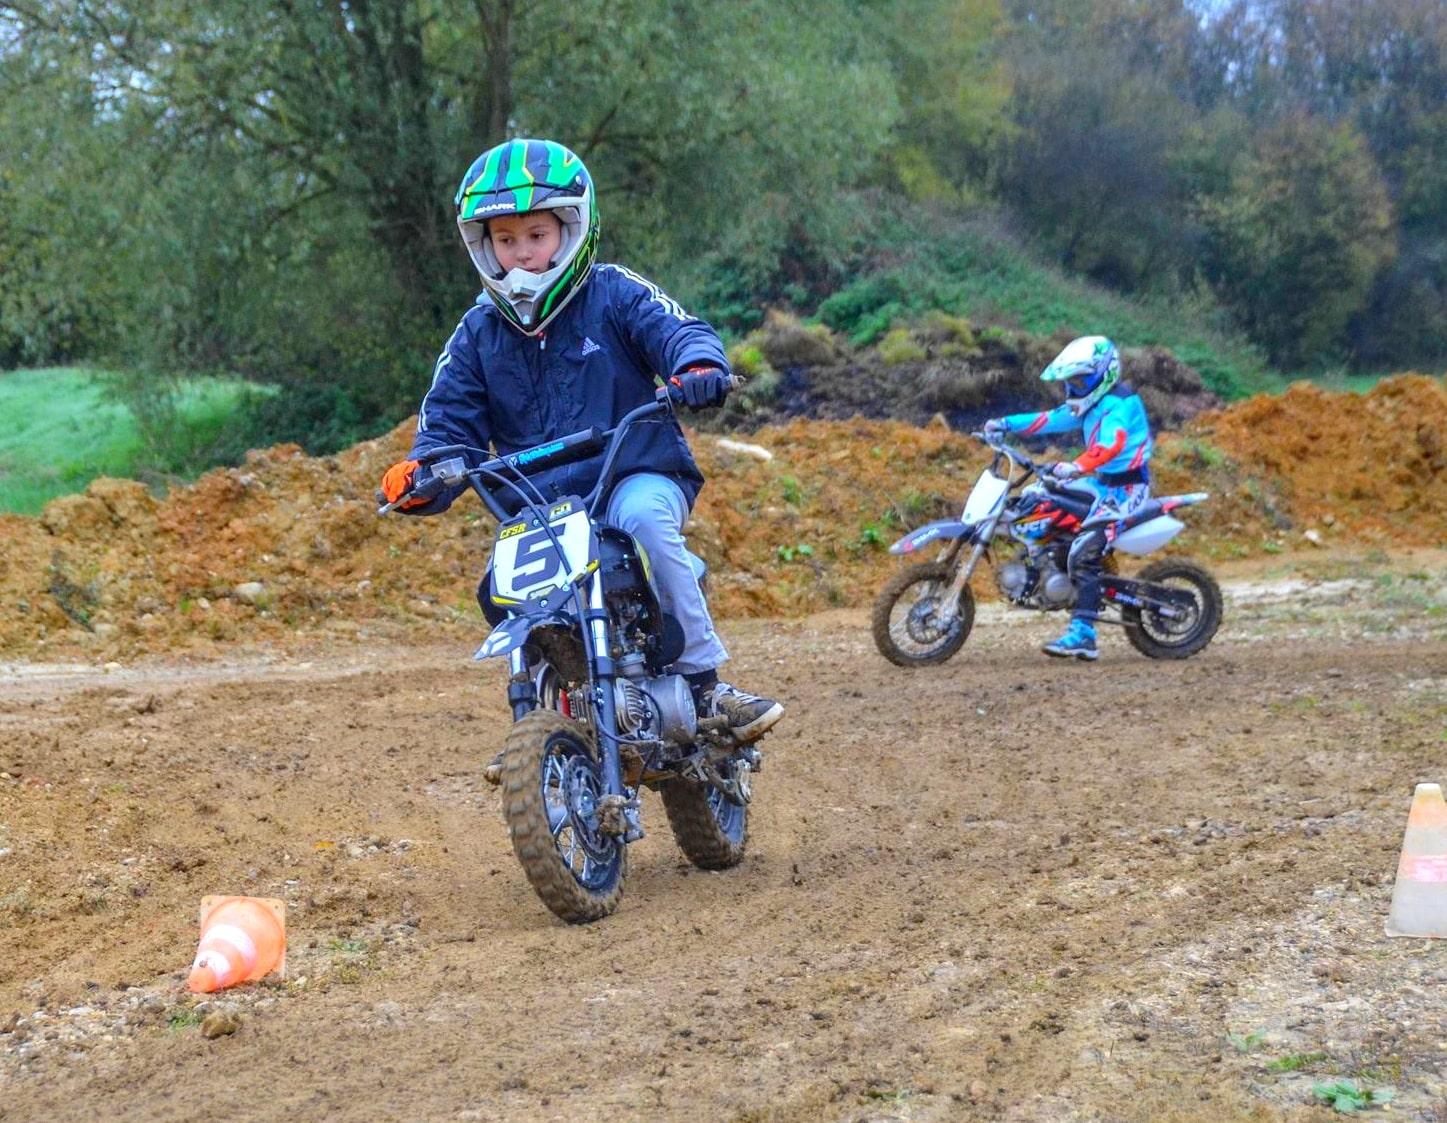 Une journée d'initiation au quad et à la moto !